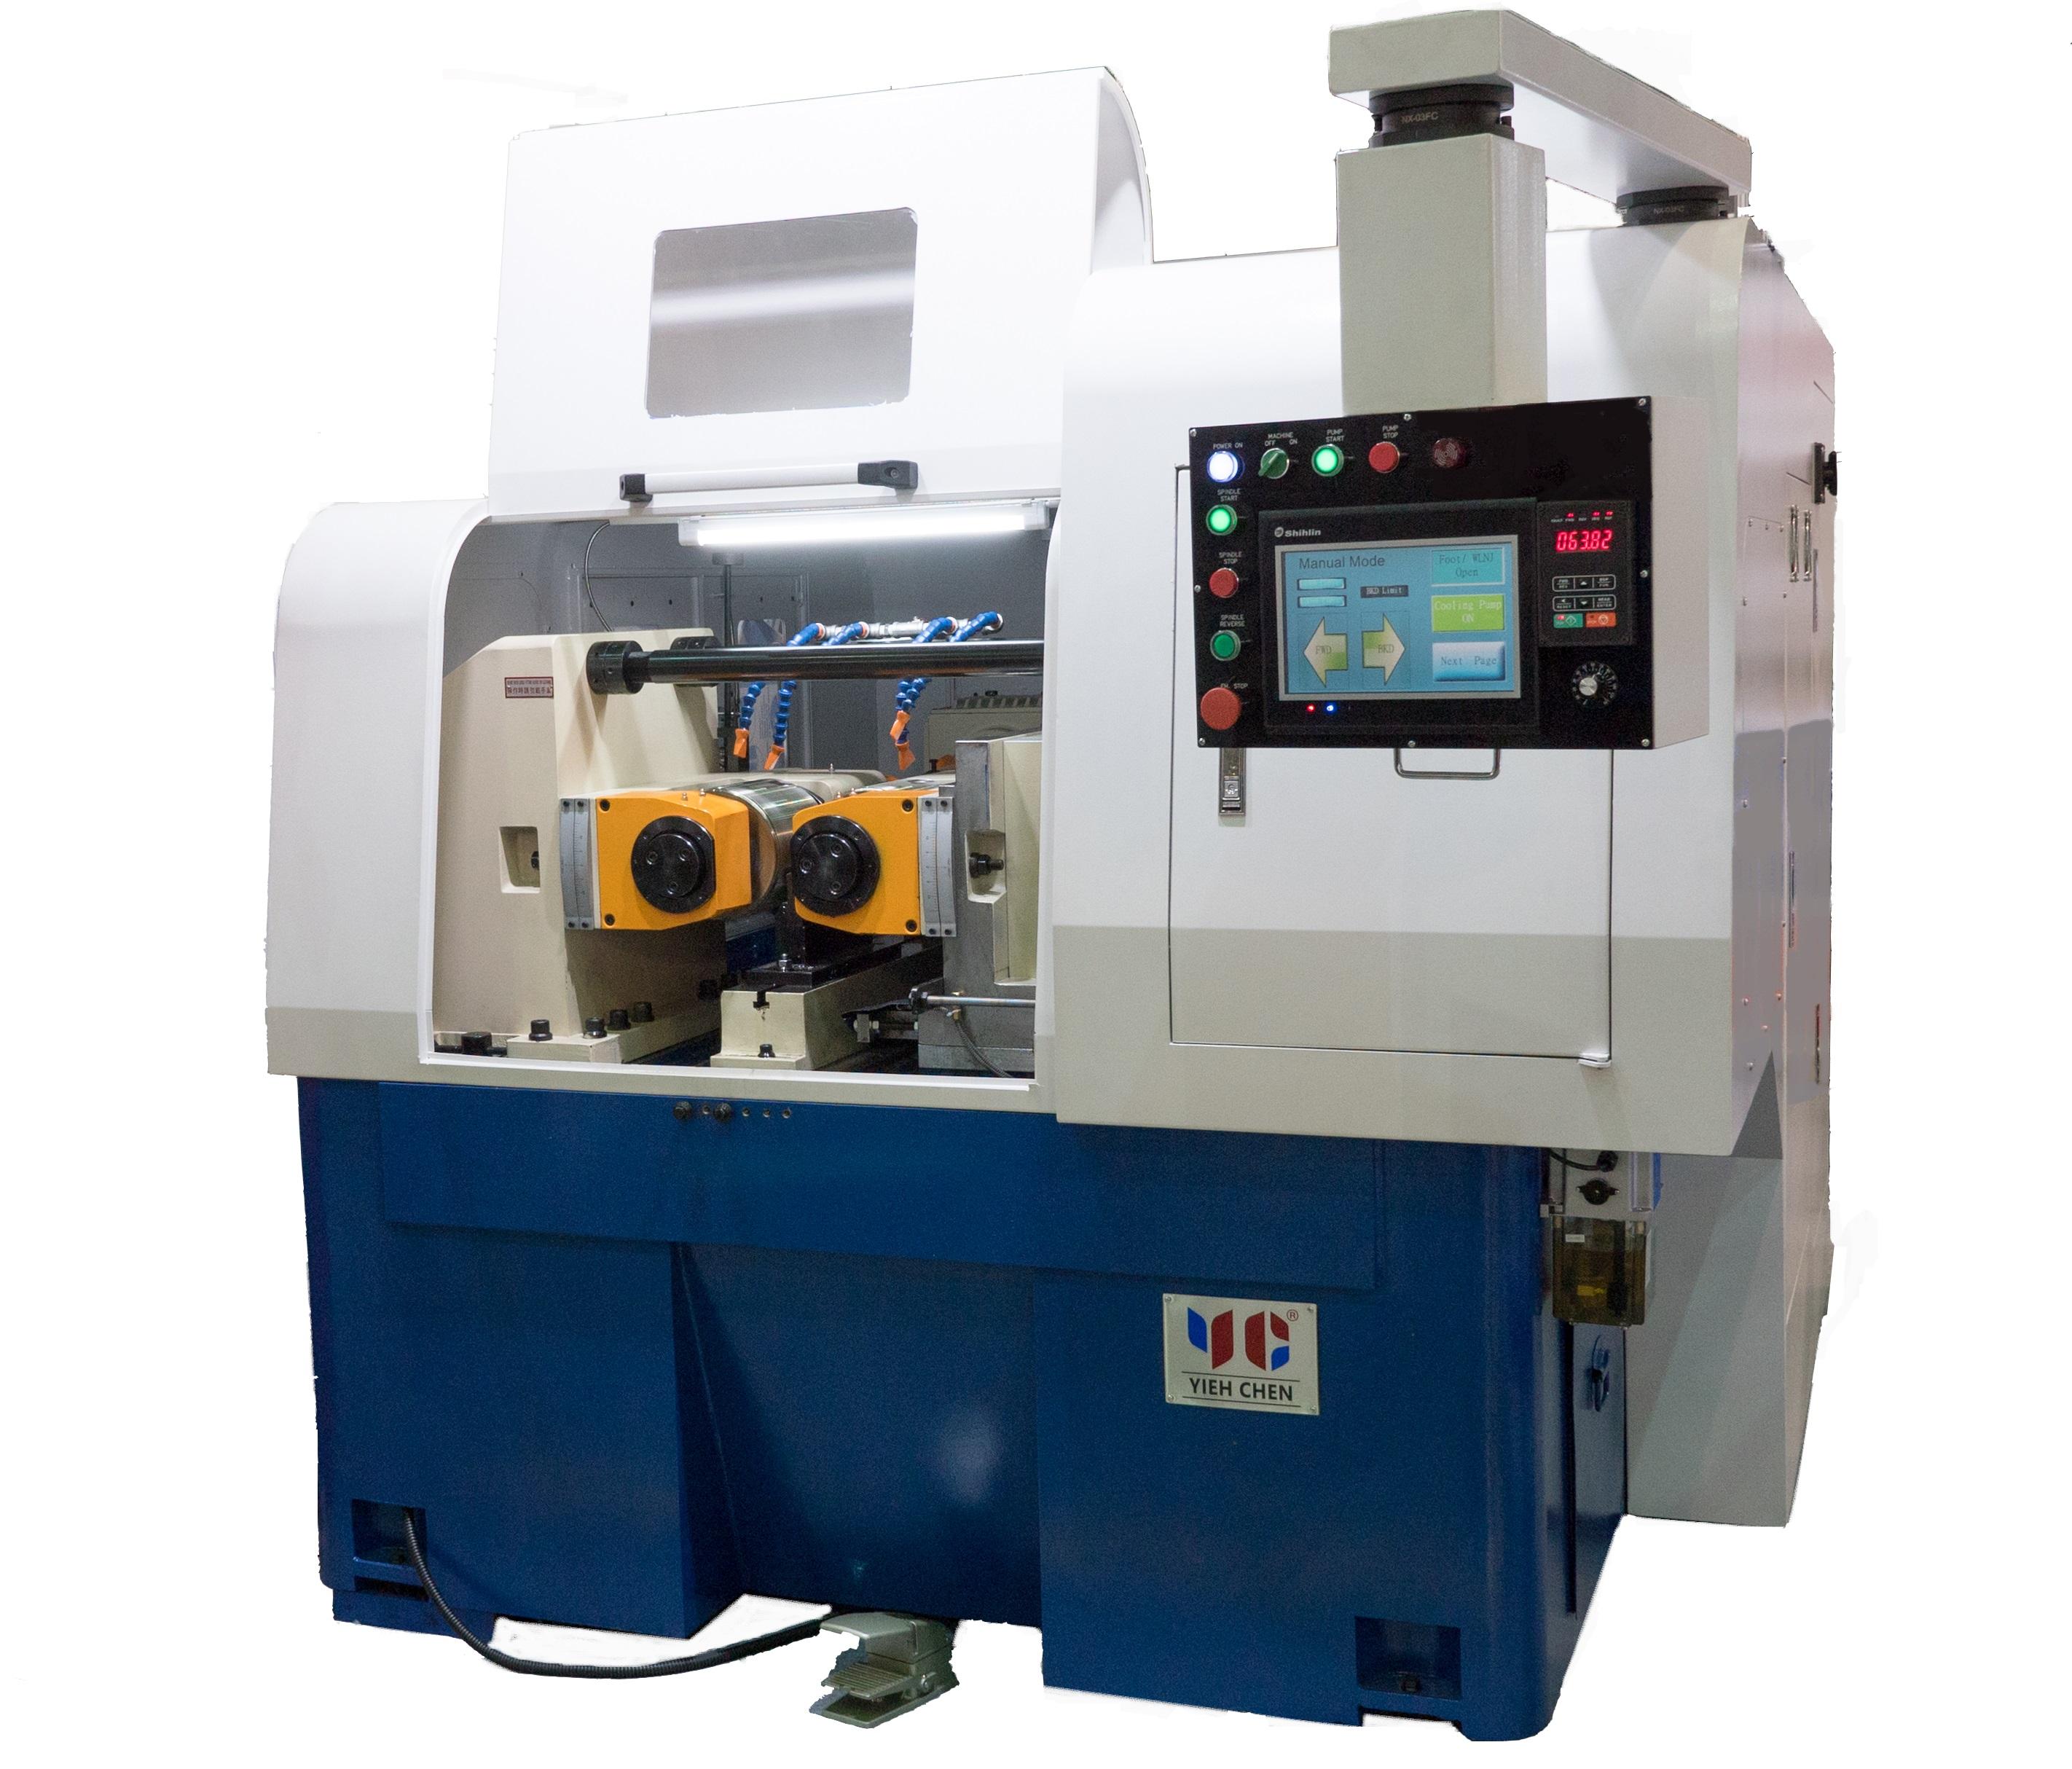 """重型油压滚丝机 (最大外径150mm或5.9"""") - 重型滚丝机"""